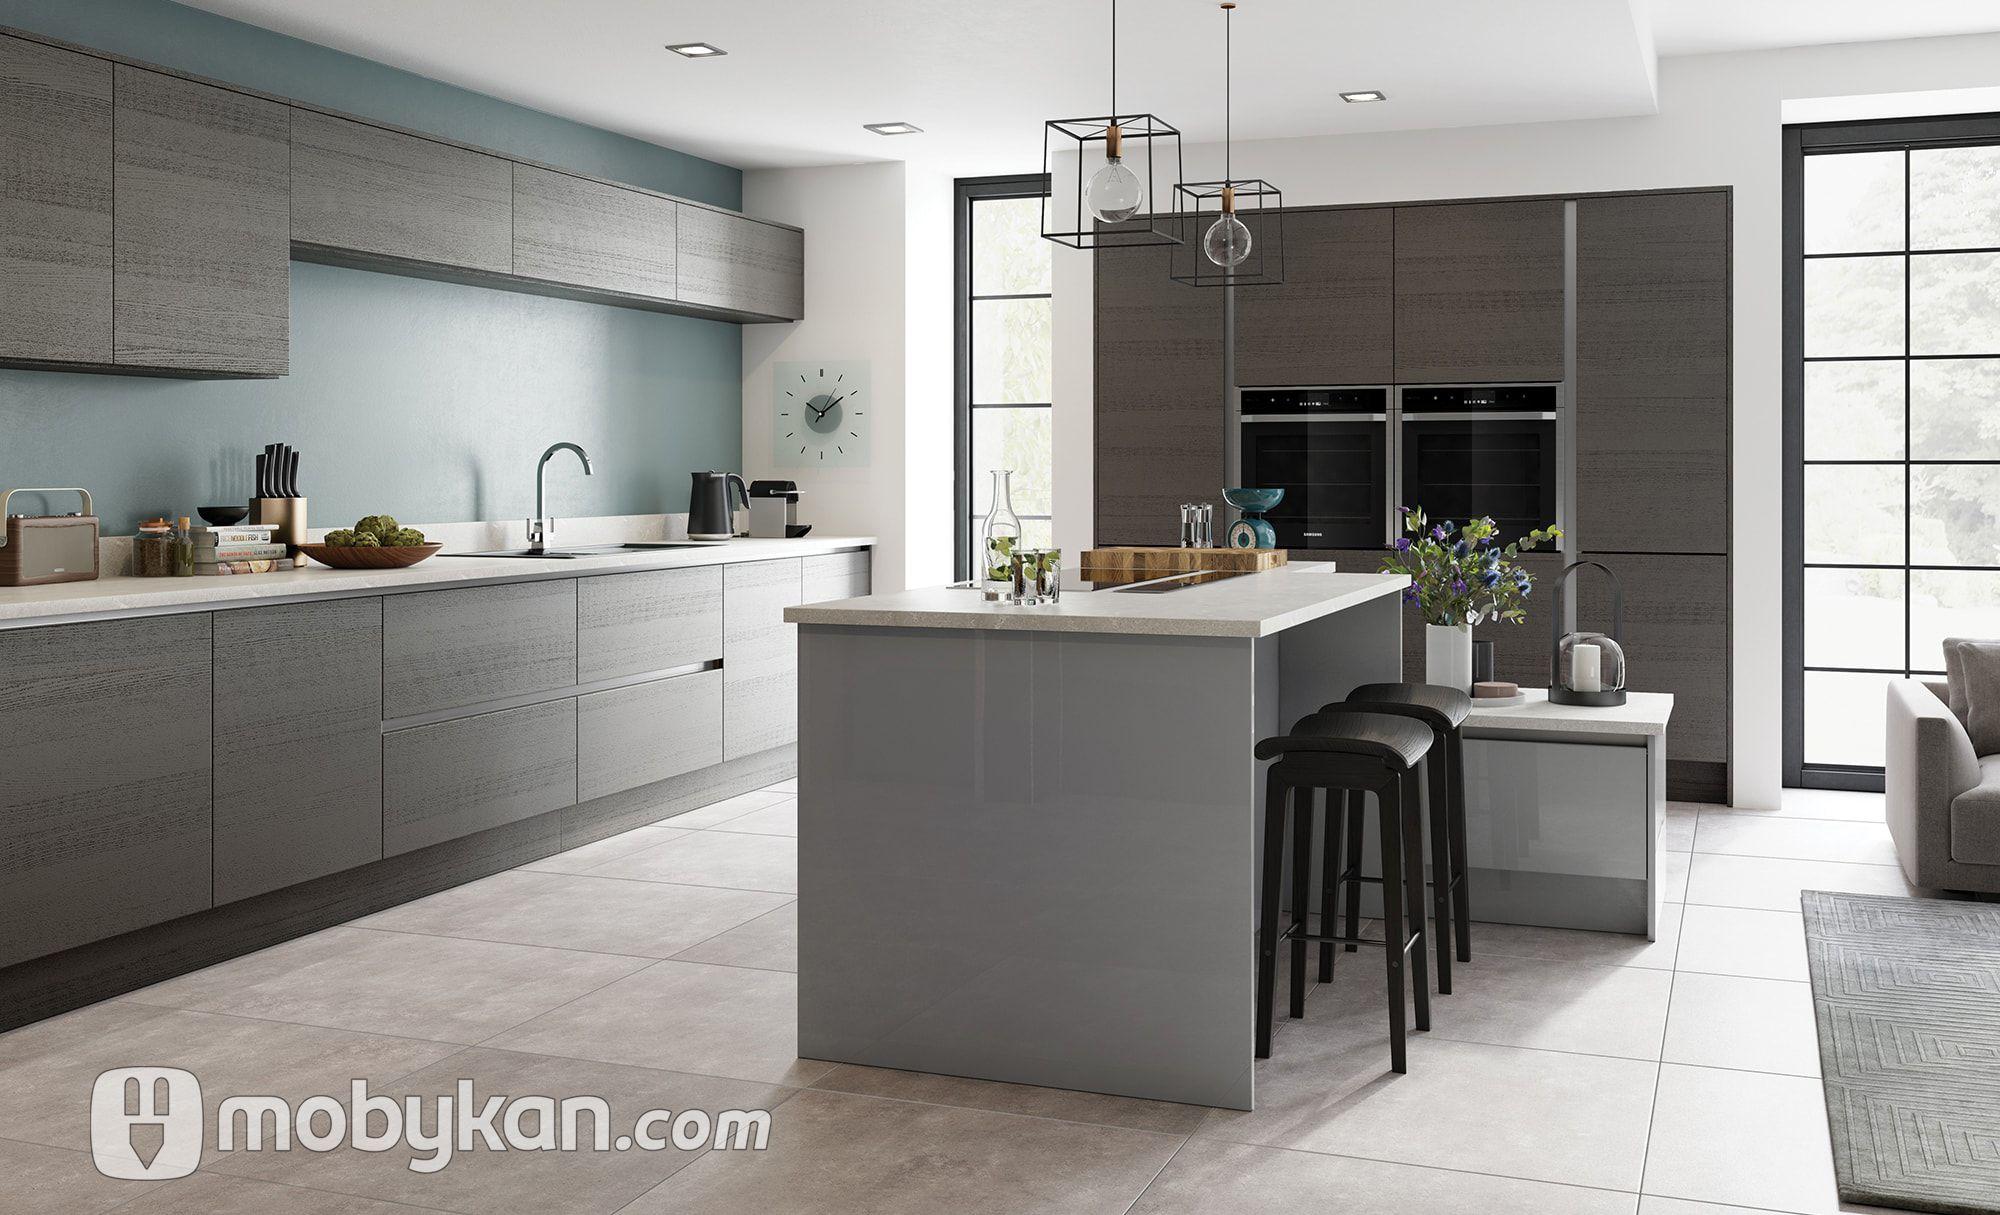 اشكال مطابخ مختلفه و صور مطابخ مميزه و جديده من موبيكان Modern Kitchen Grey Shaker Kitchen Kitchen Styling Modern